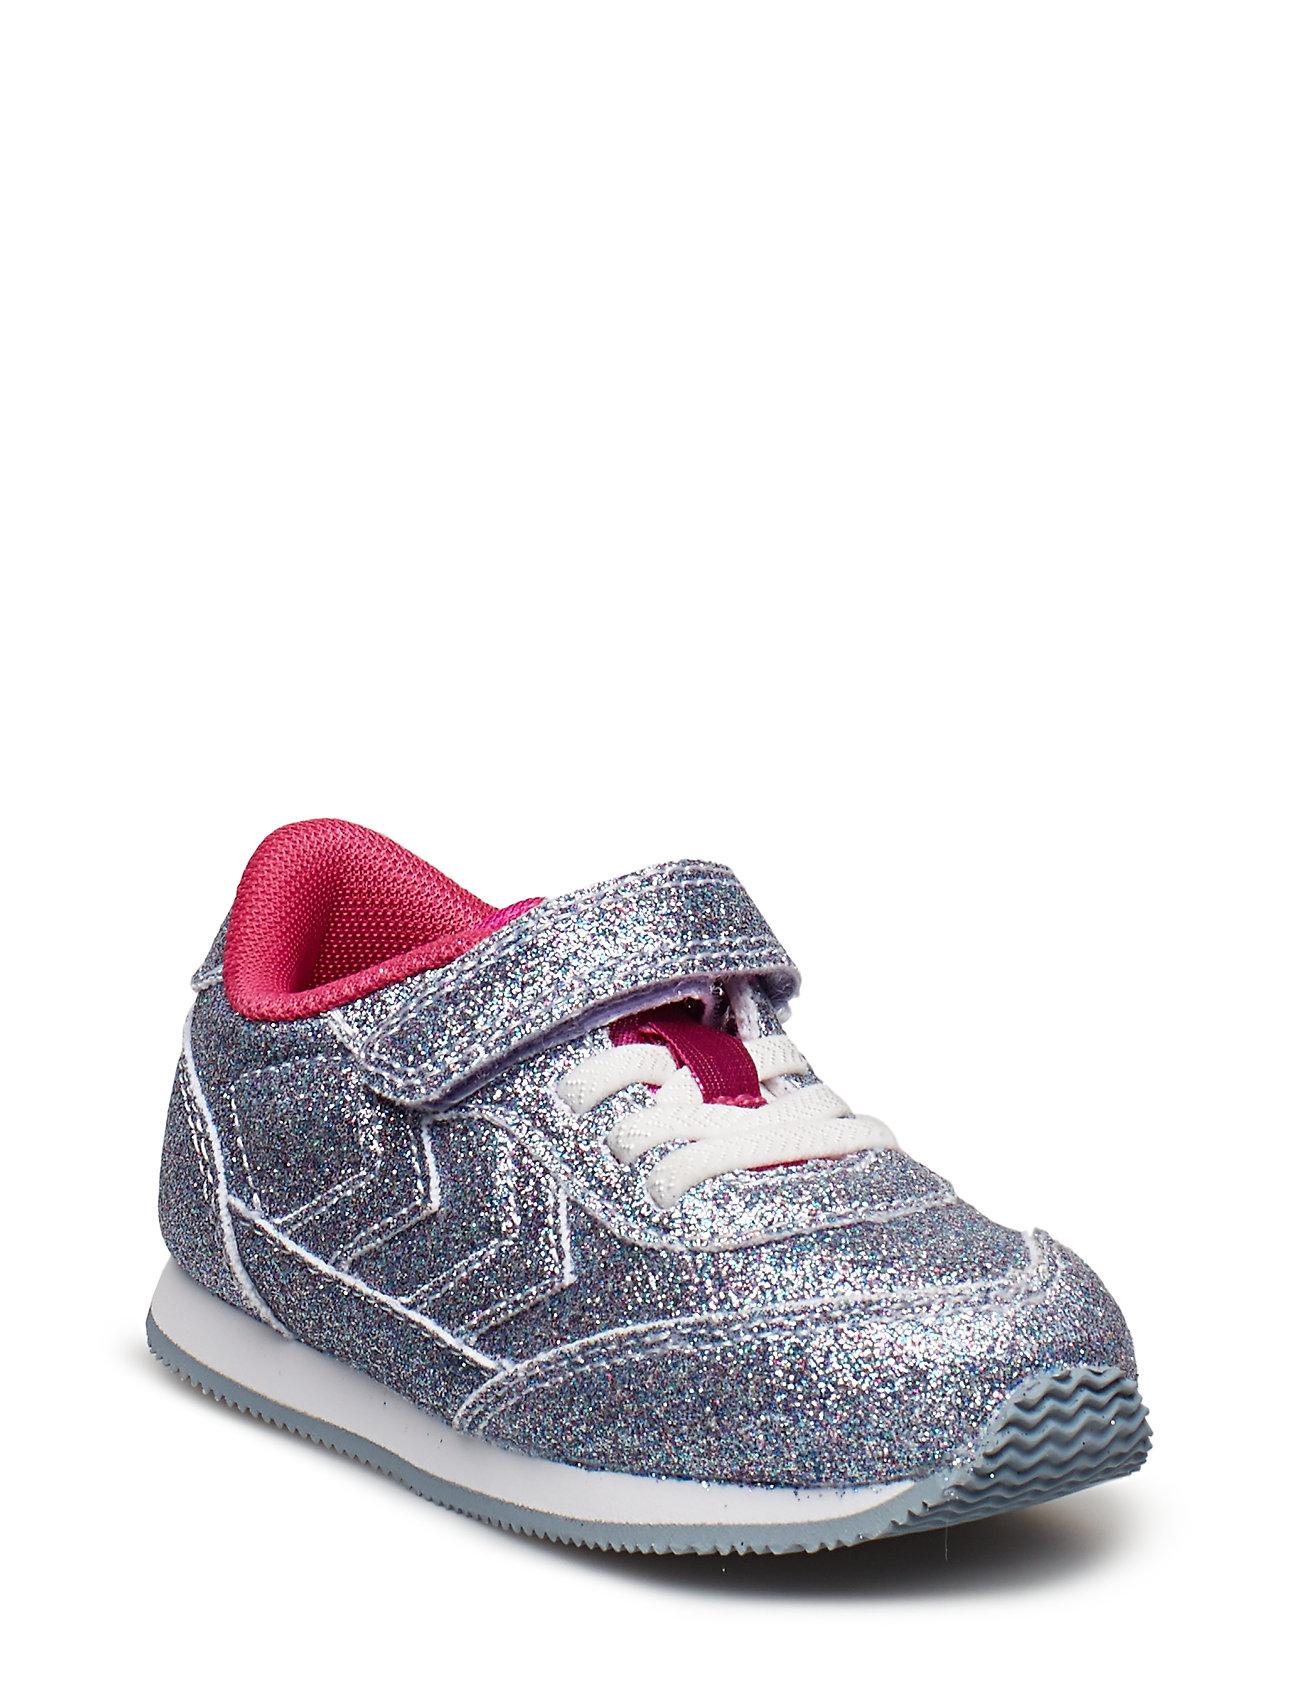 Reflex Glitter Infant Sneakers Sko Sølv HUMMEL